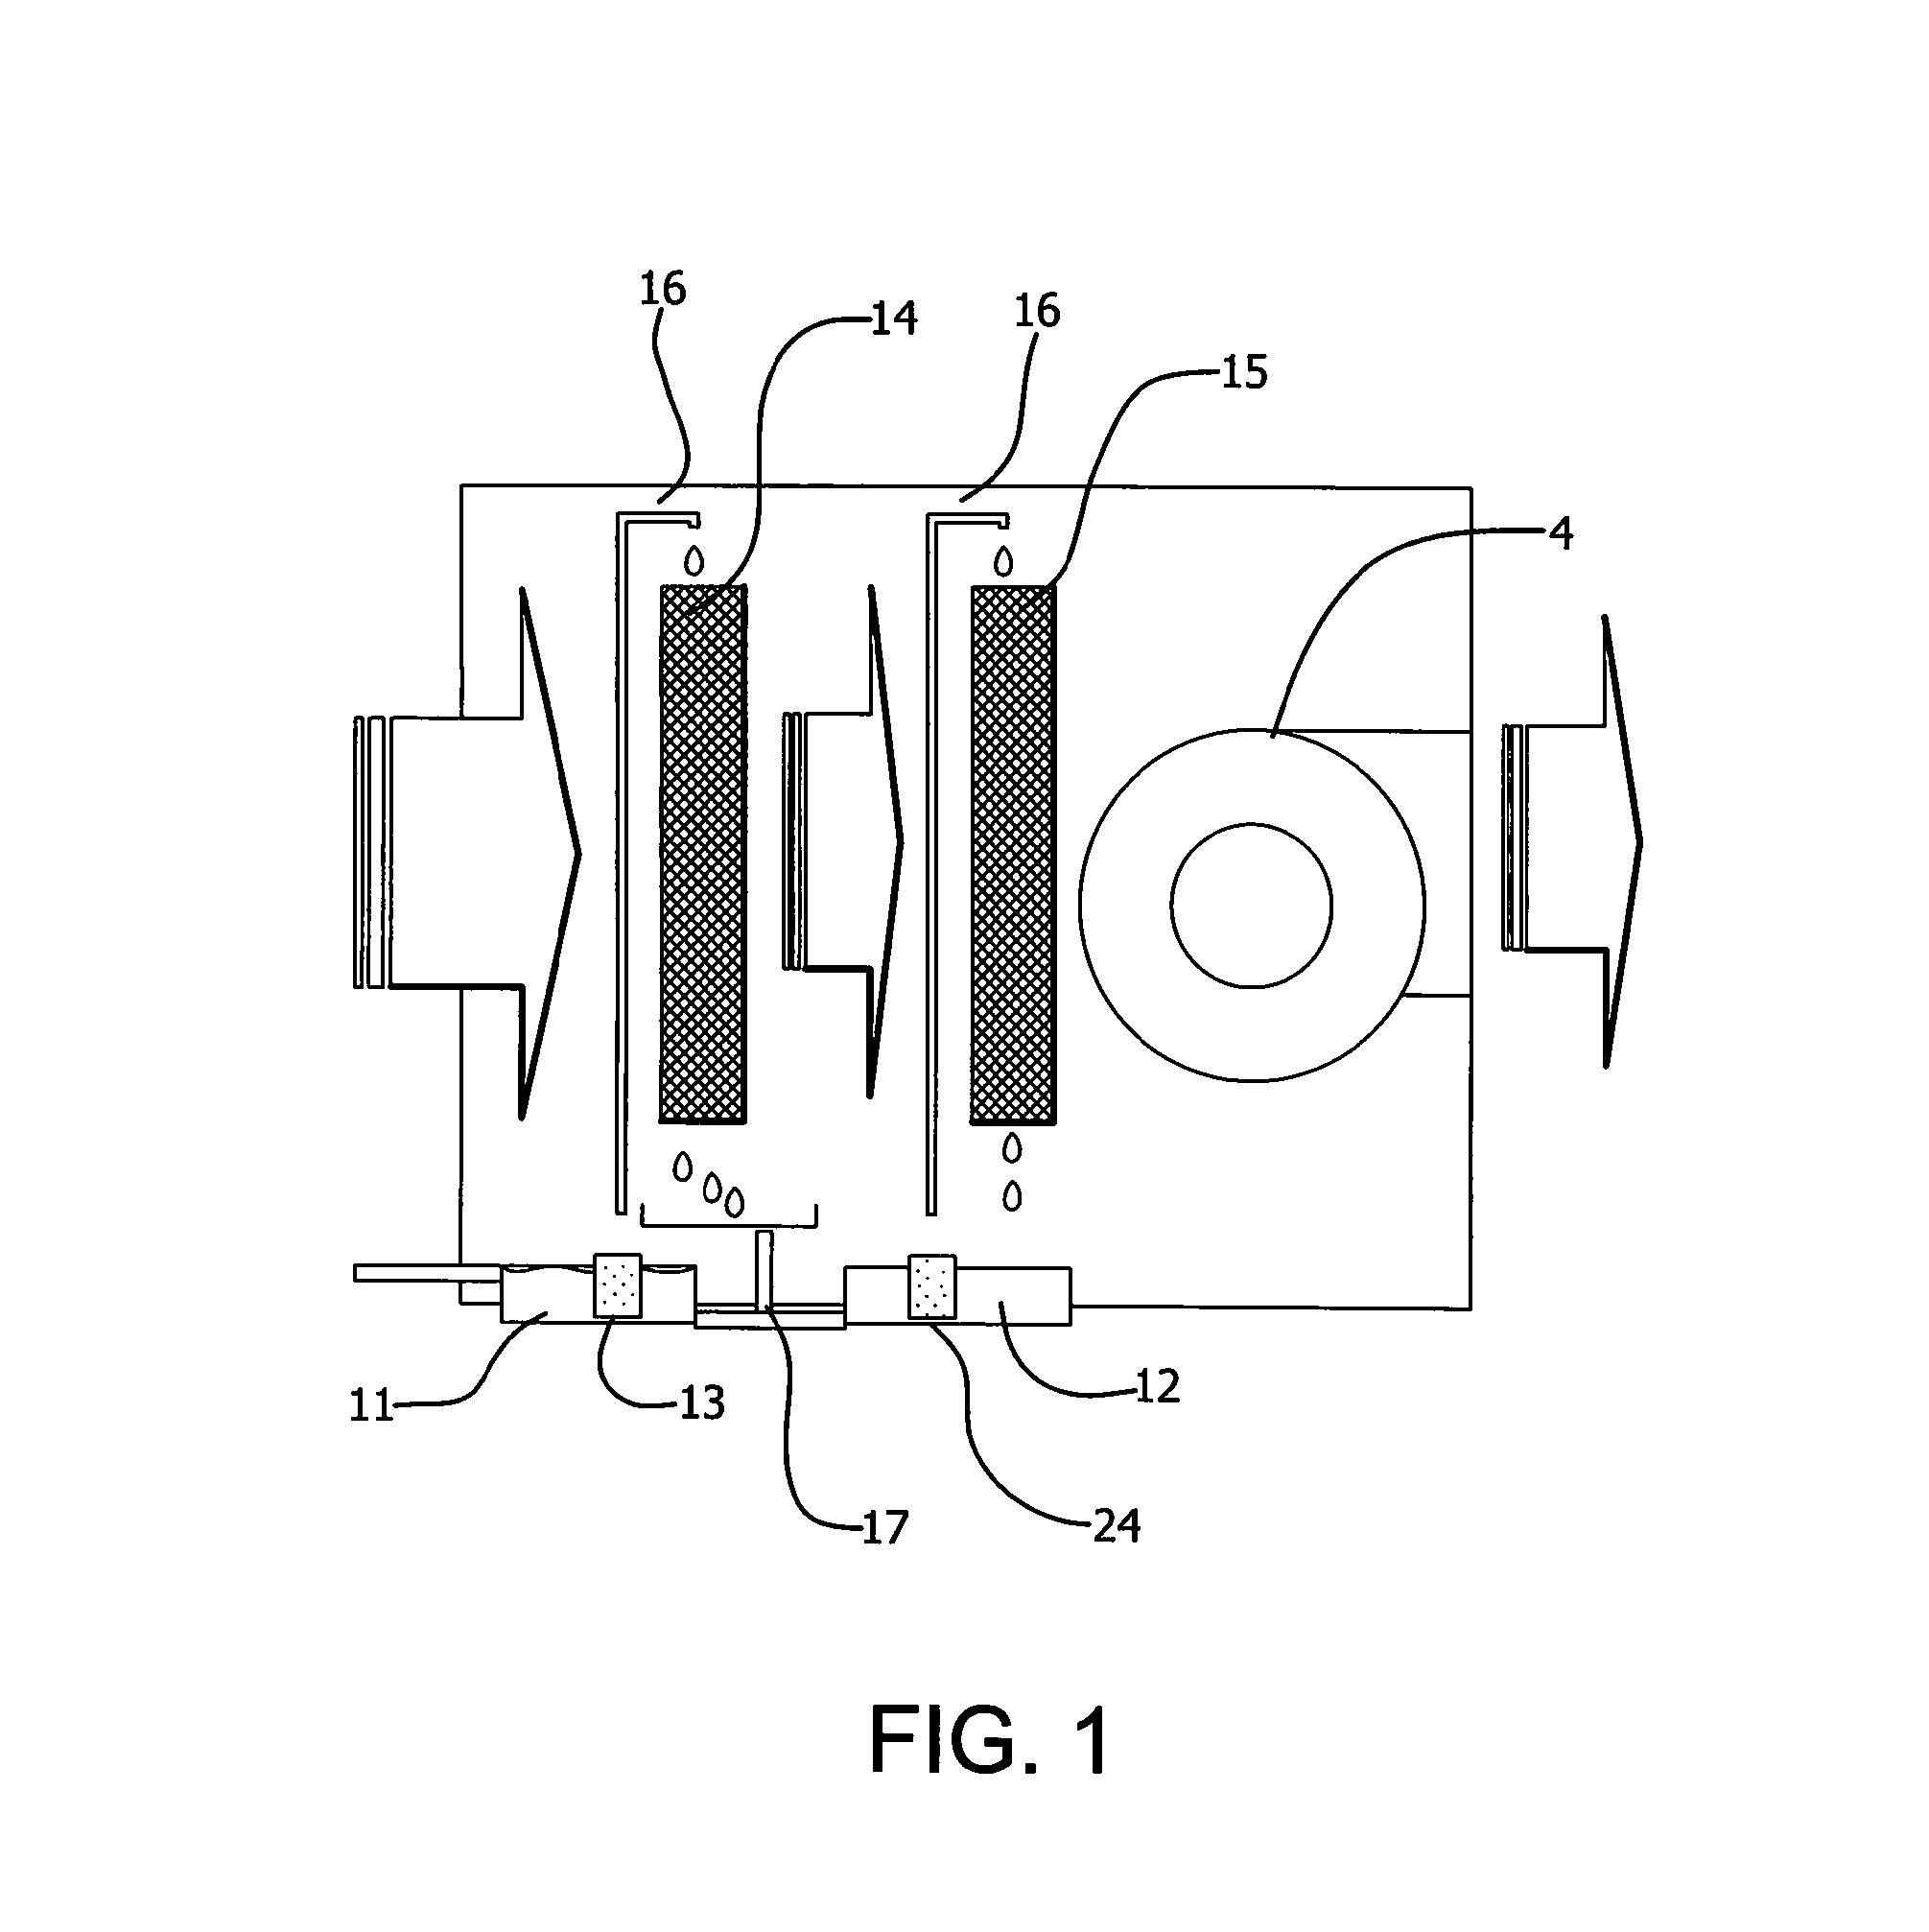 2-sd-swamp-cooler-motor-wiring-diagram-3  Sd Swamp Cooler Wiring Diagram on